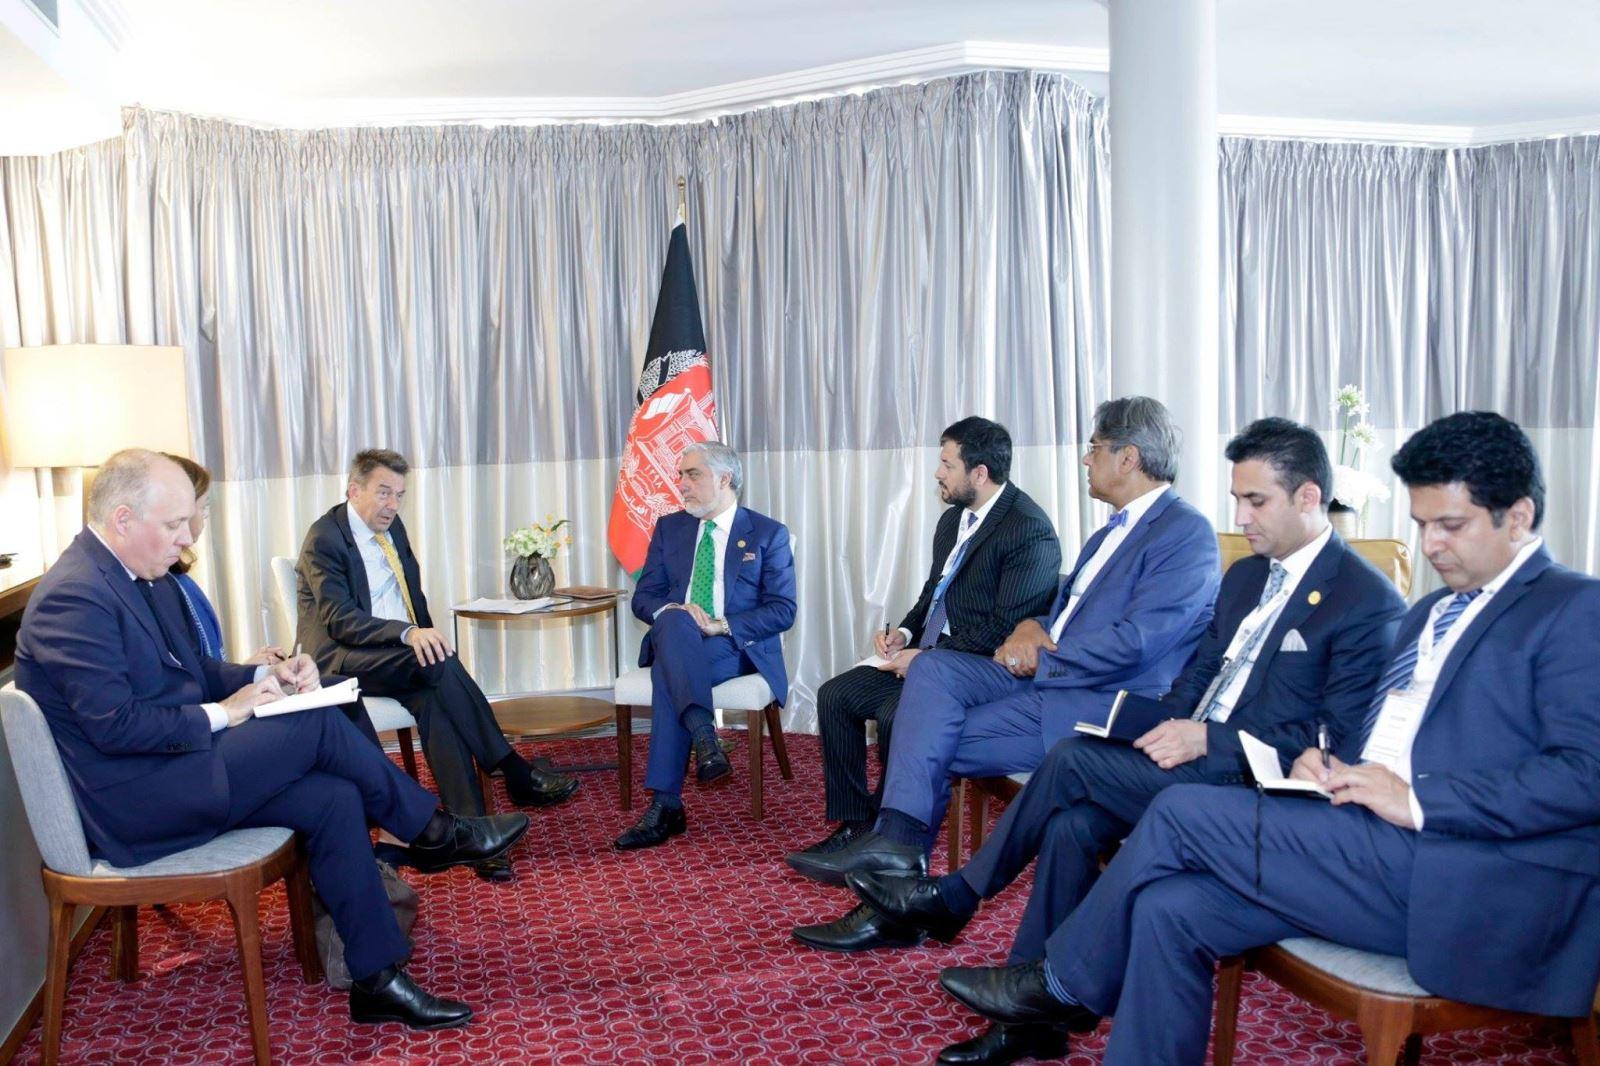 رییس عمومی صلیب سرخ در ملاقات با رییس اجراییه : افغانستان در اولویت برنامههای صلیب سرخ قراردارد